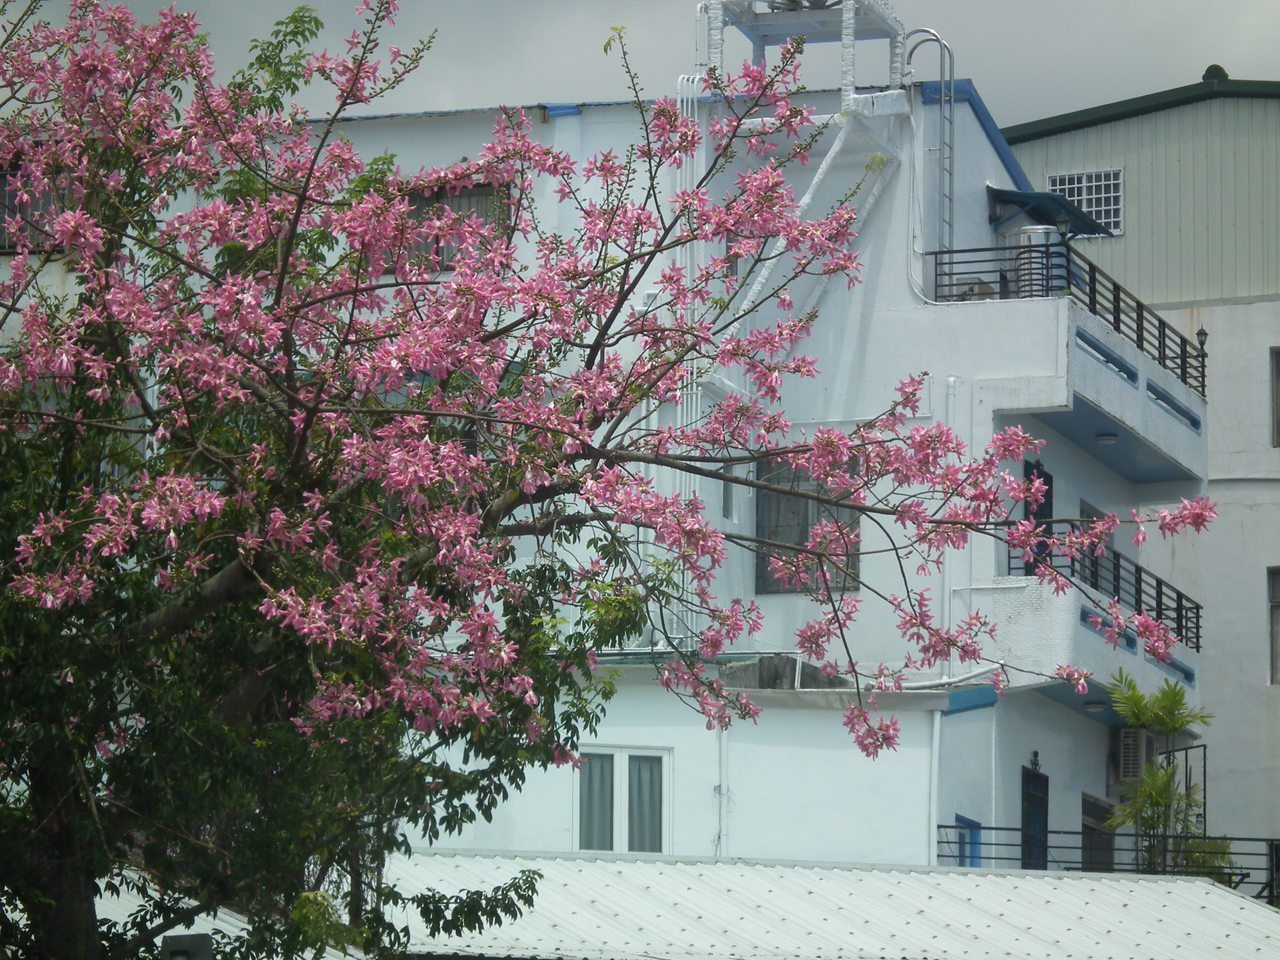 美人花粉紅色的花朵開滿整株樹梢,畫面美到都會醉了。記者尤聰光/攝影